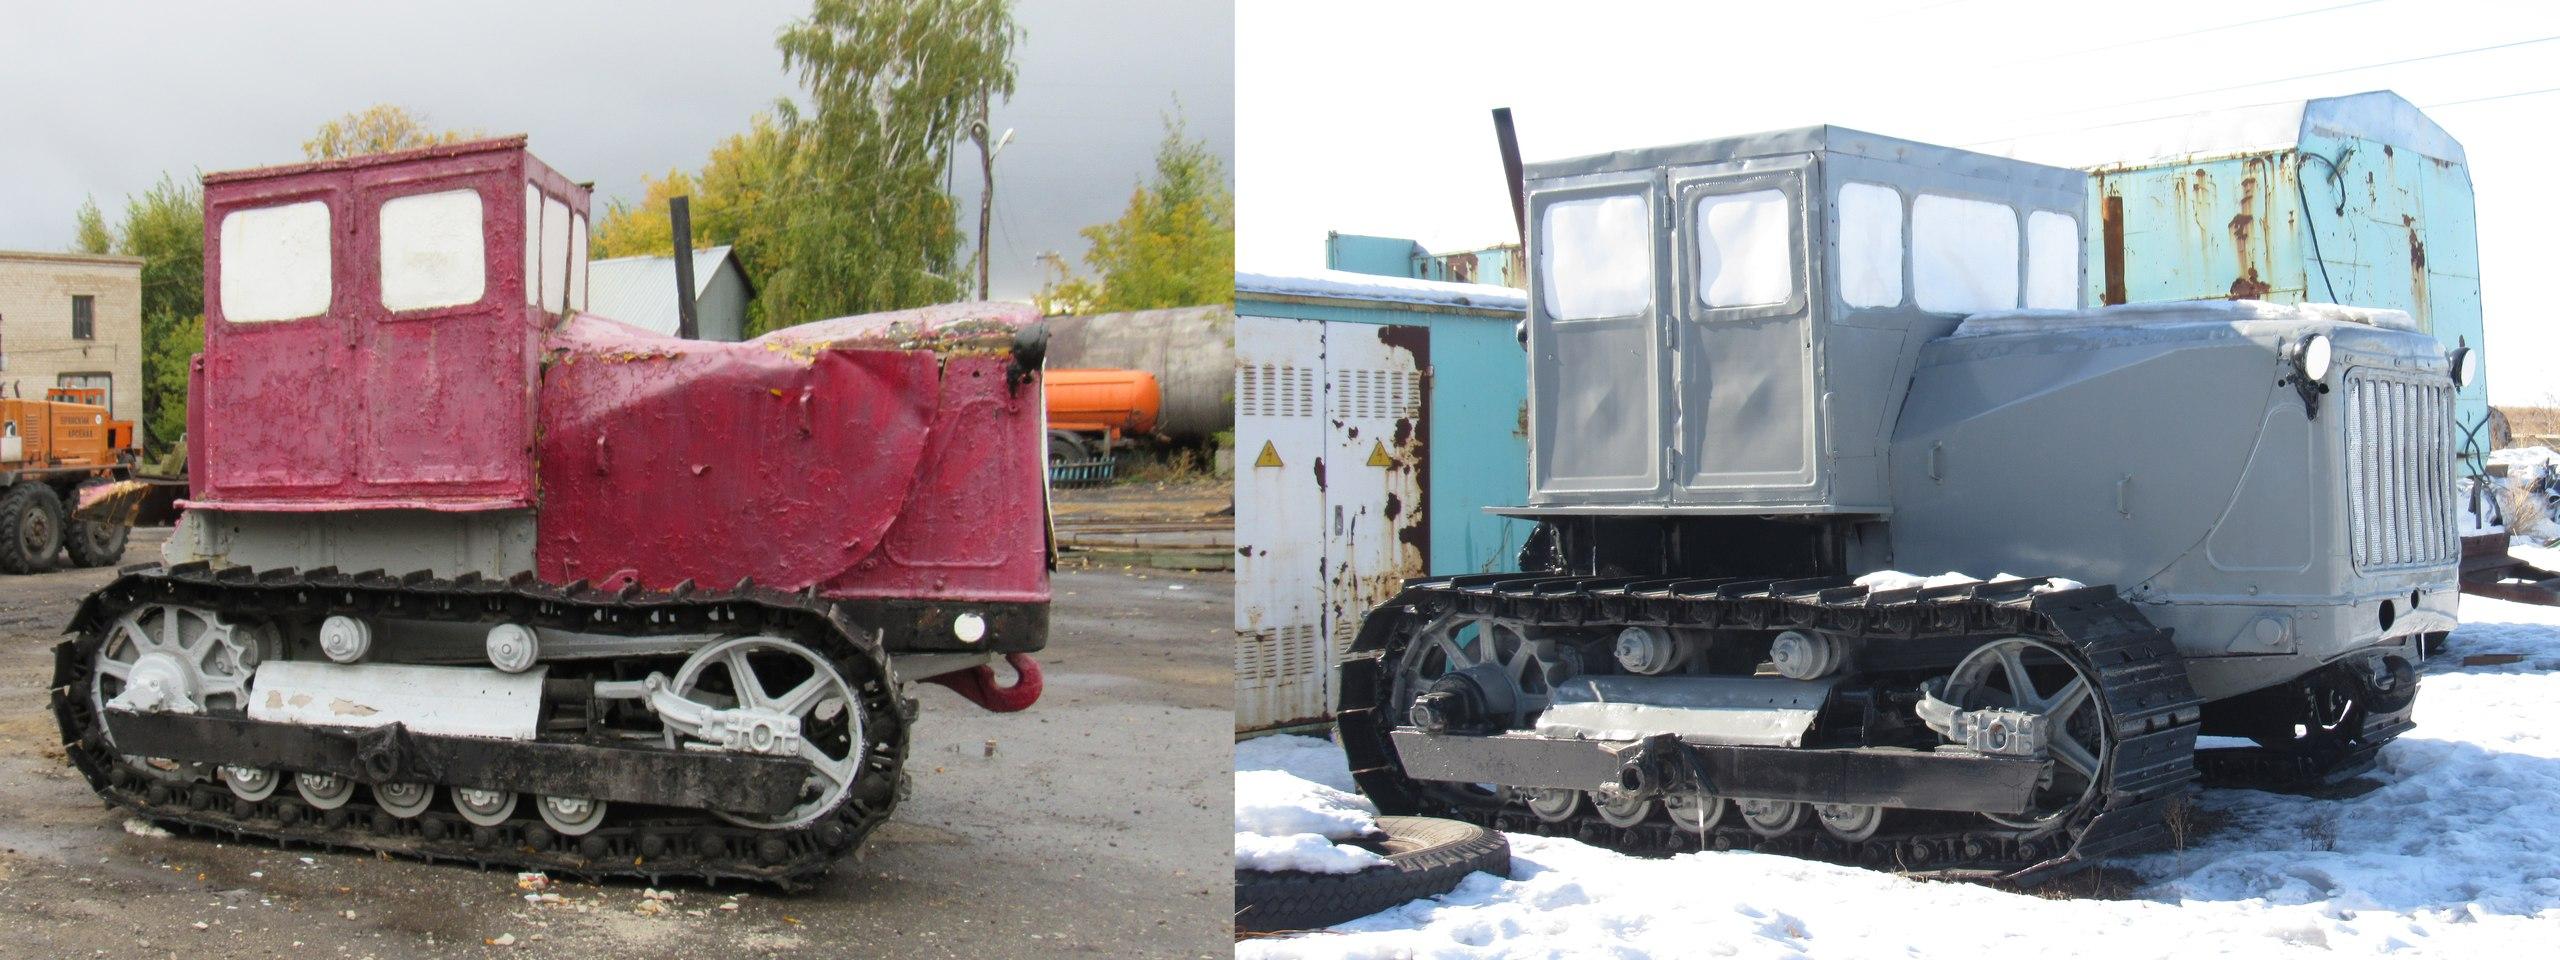 На Севере Казахстана отреставрировали трактор-памятник «Сталинец»